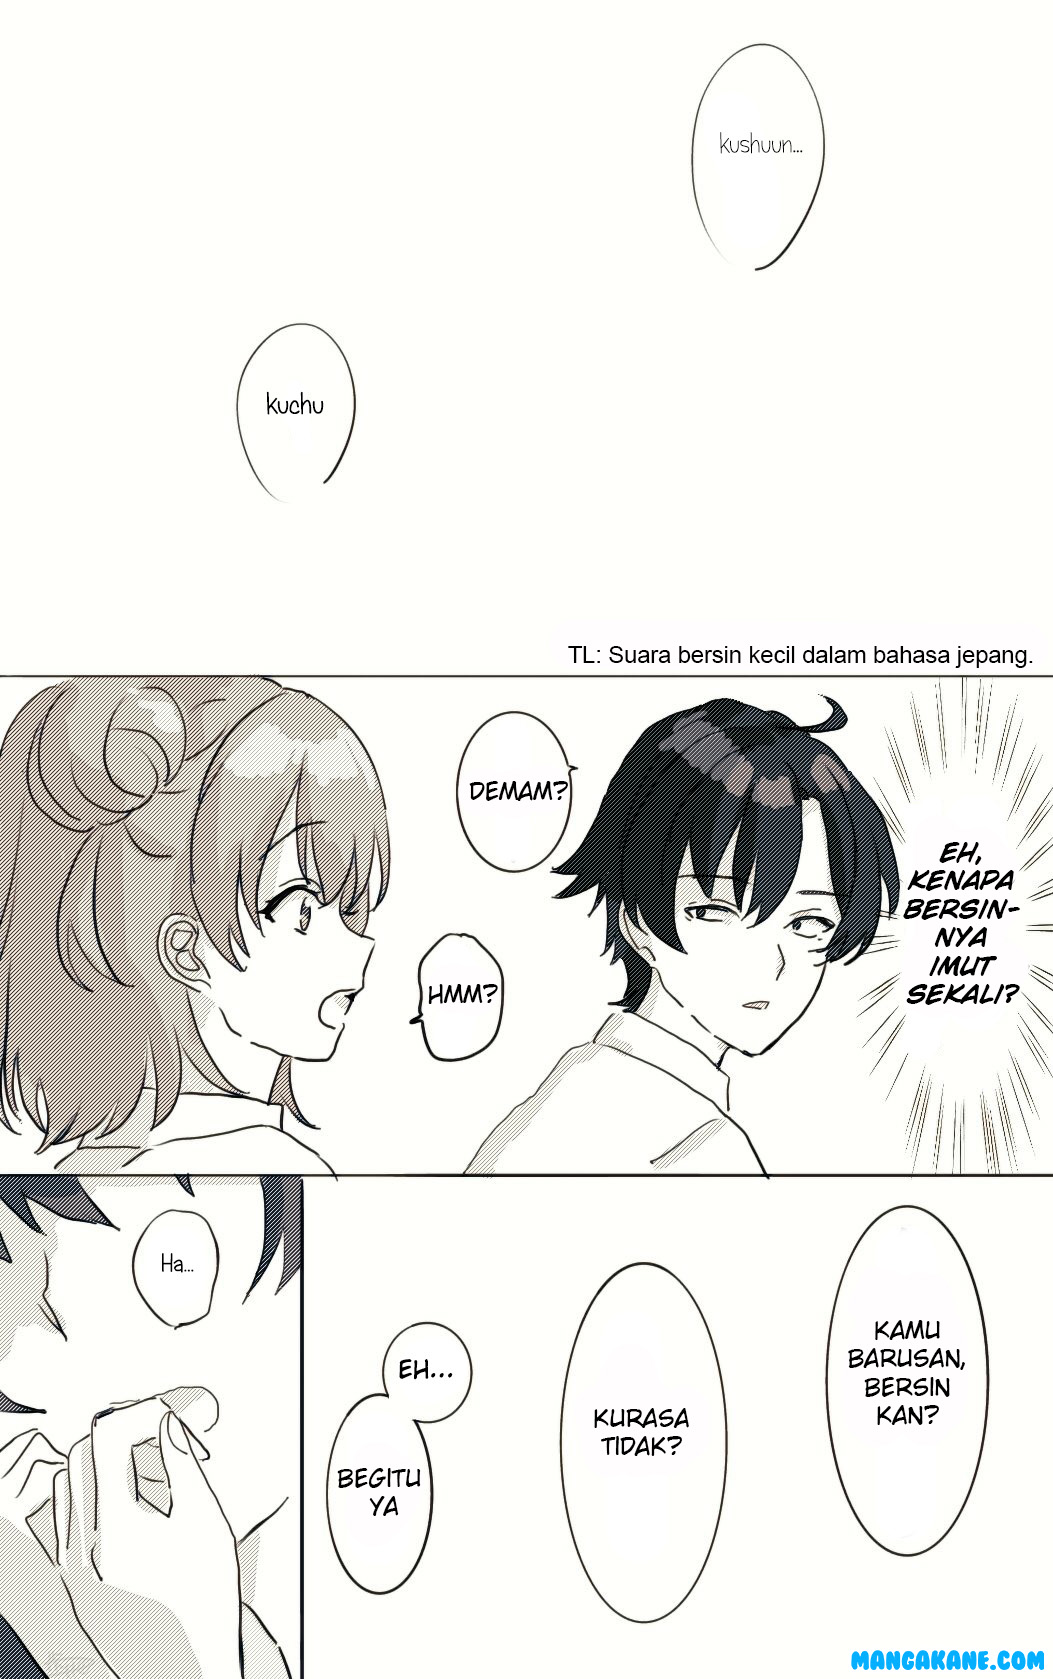 Hiratsu Kawaii Shizu Kawaii Chapter 5